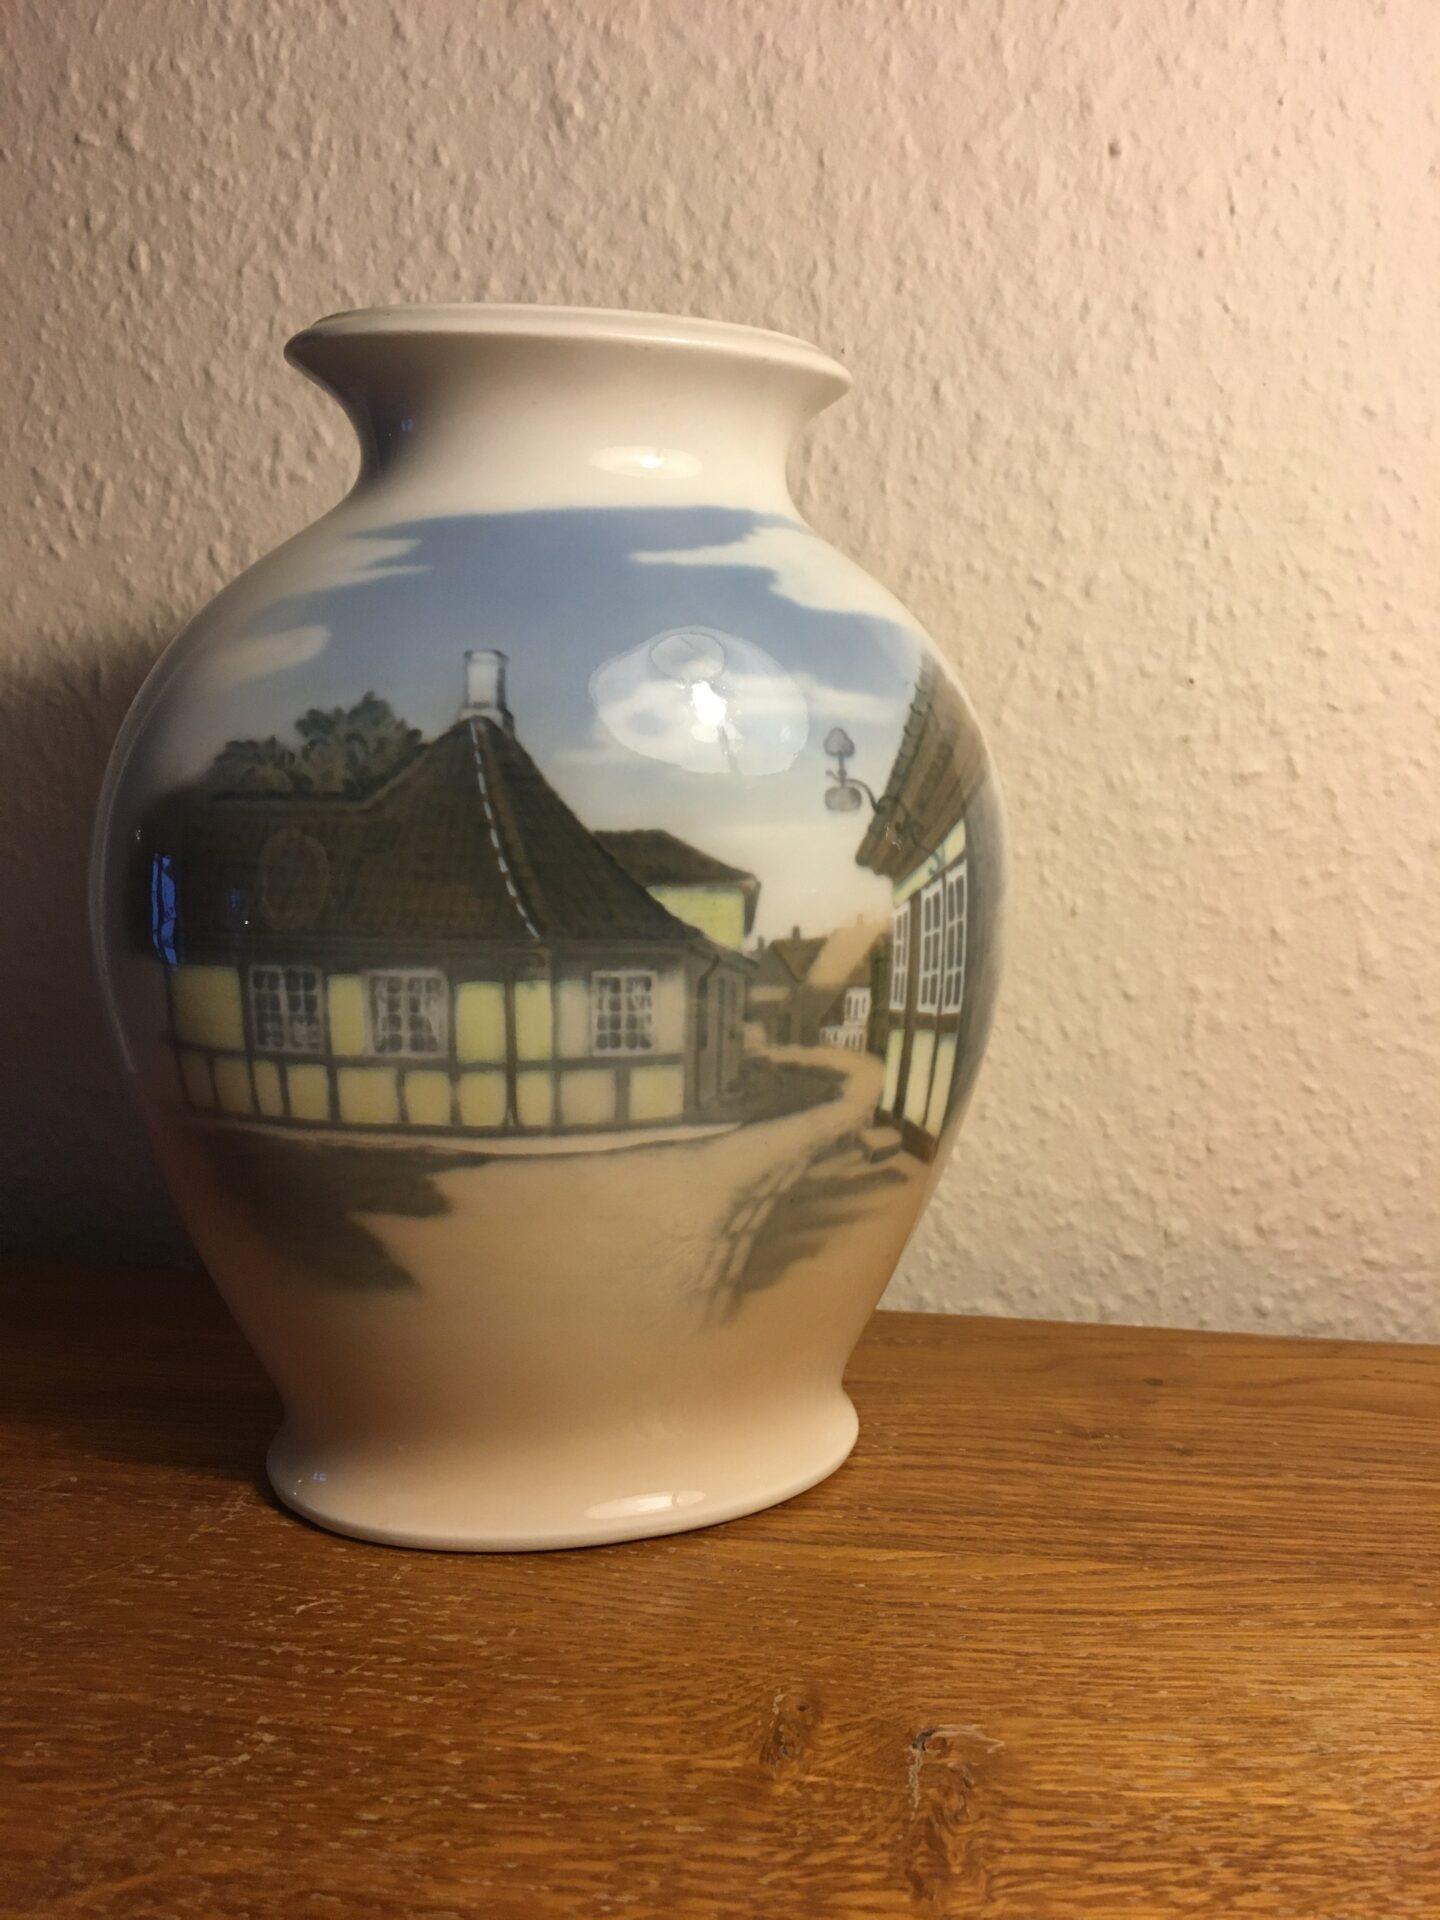 Kongelig vase, nr. 4588, 2. sortering, h=23 cm (H.C.Andersen's hus). pris 400kr